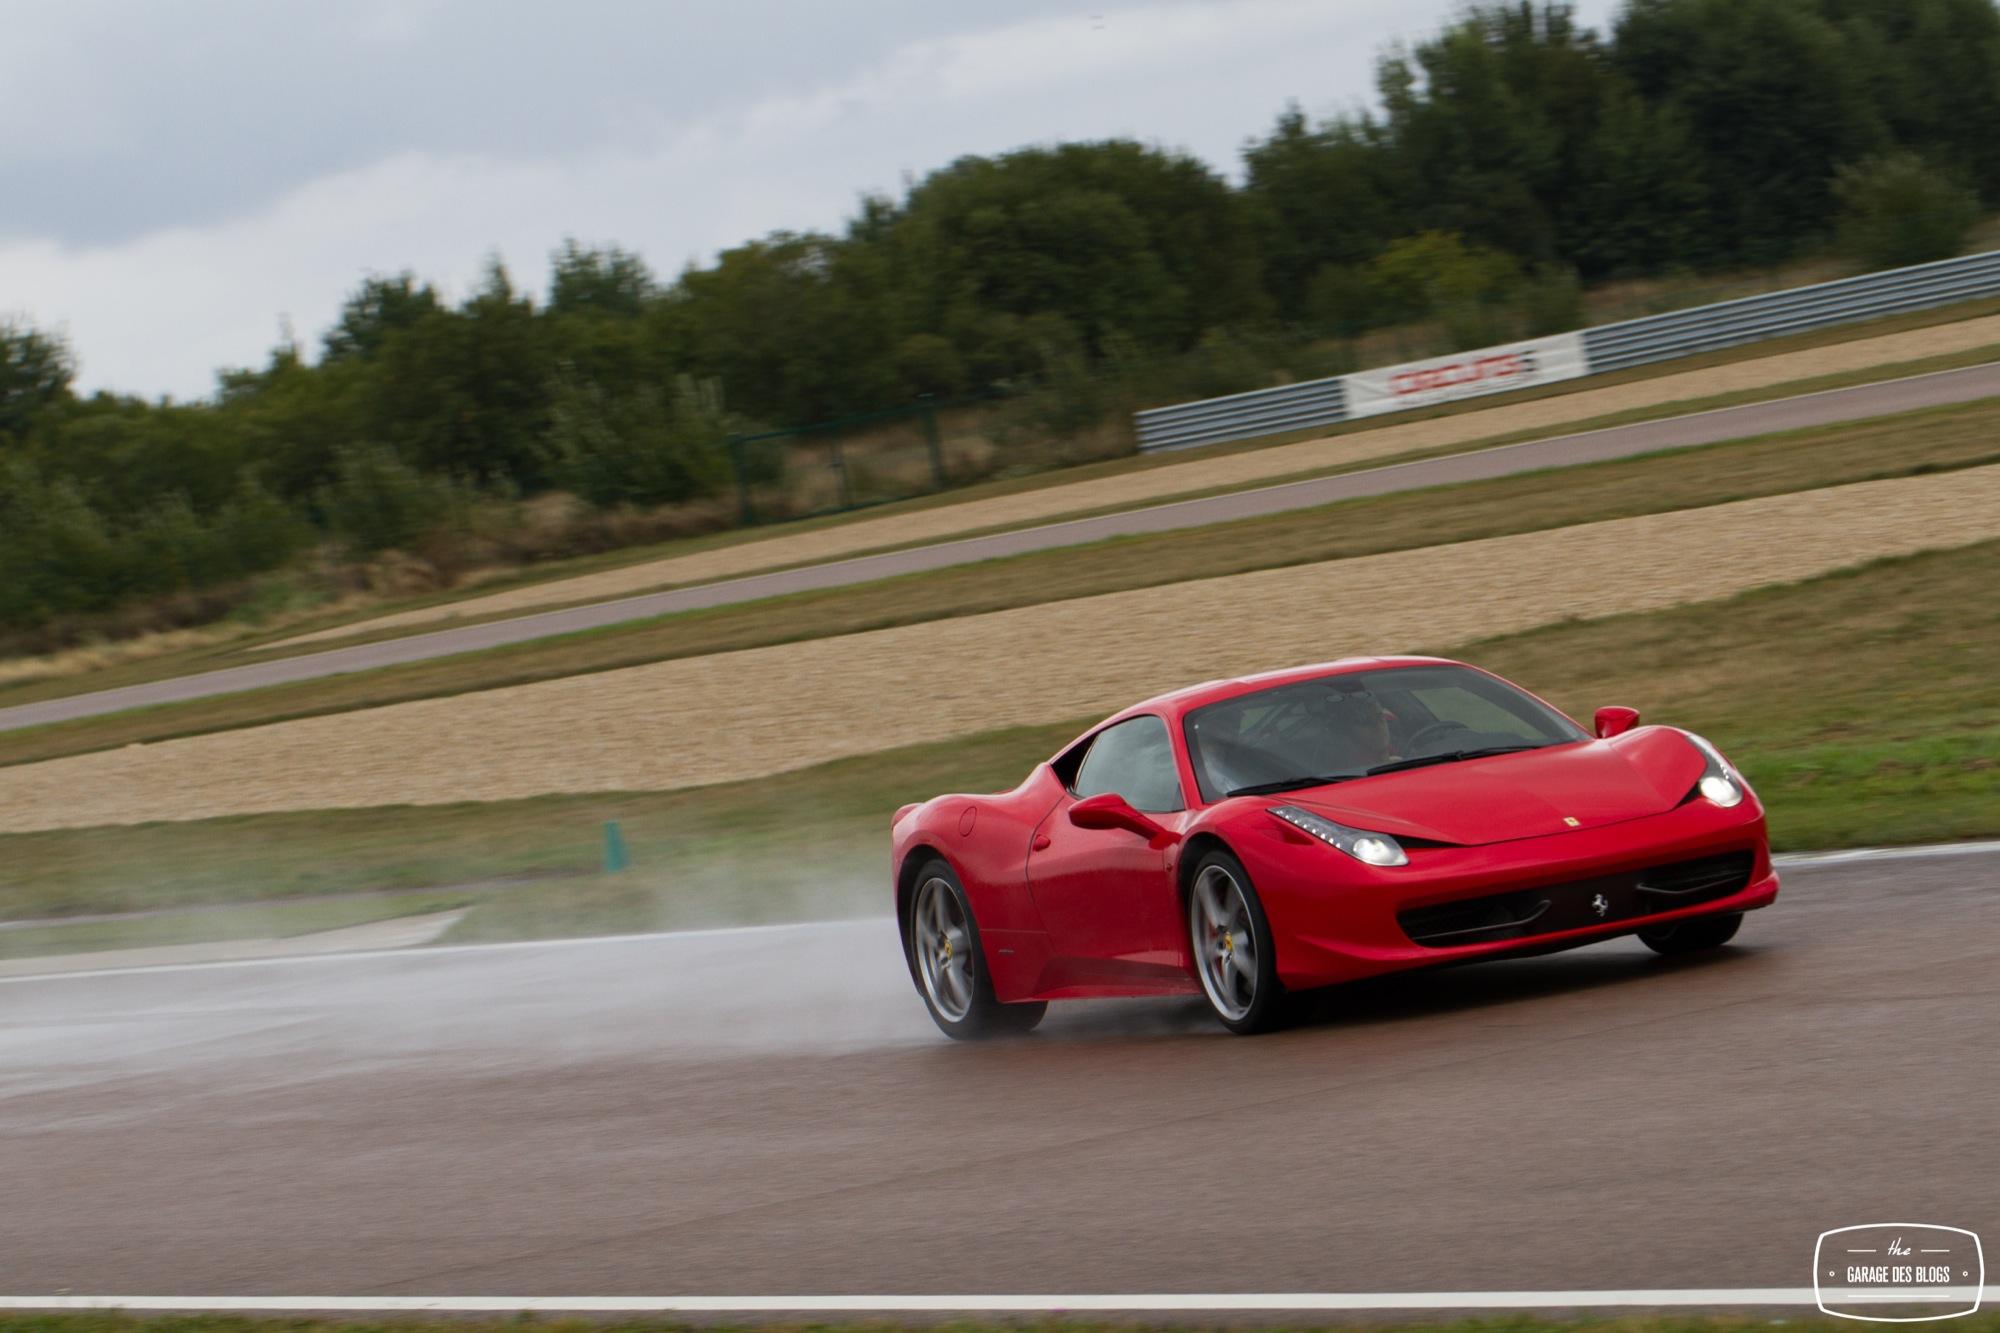 michelin_sport_auto_ferrari_458_italia_21